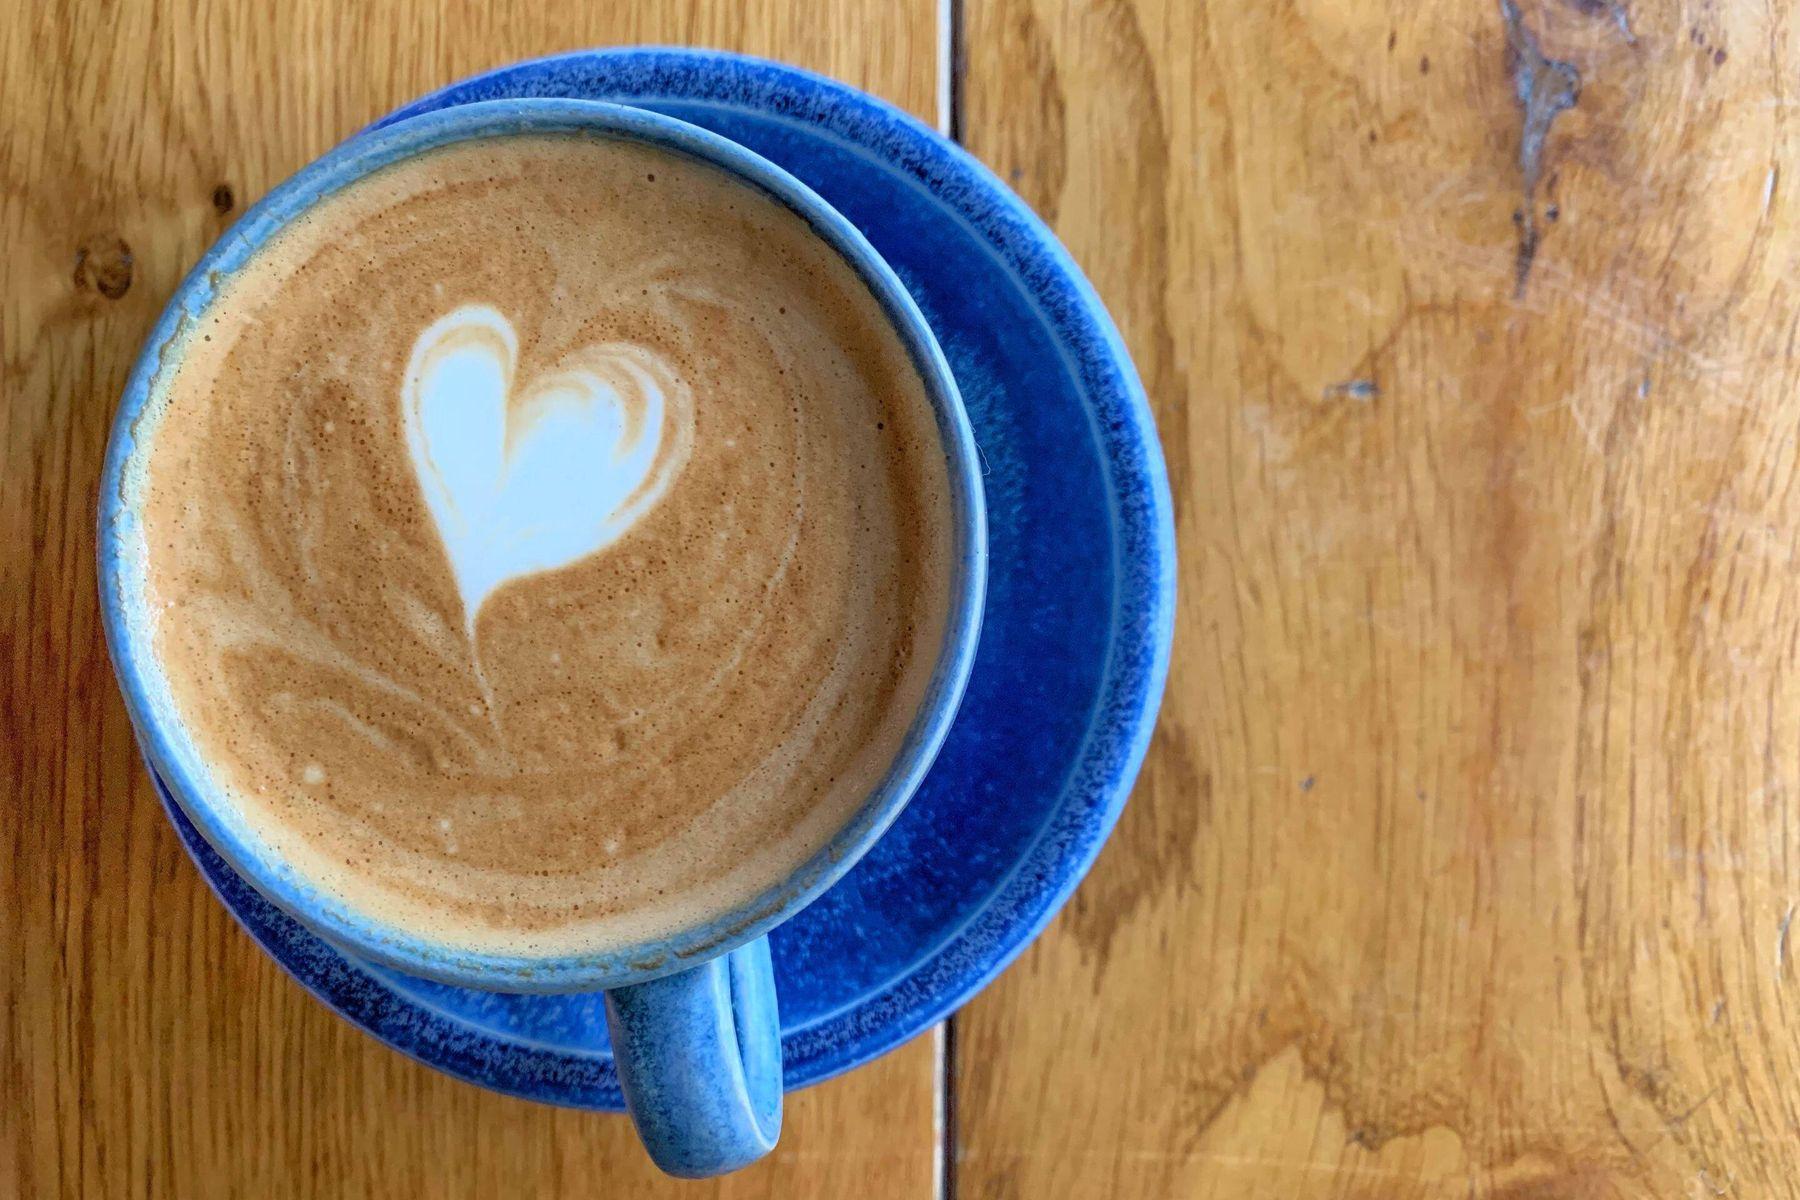 สารพัดประโยชน์ของกากกาแฟ